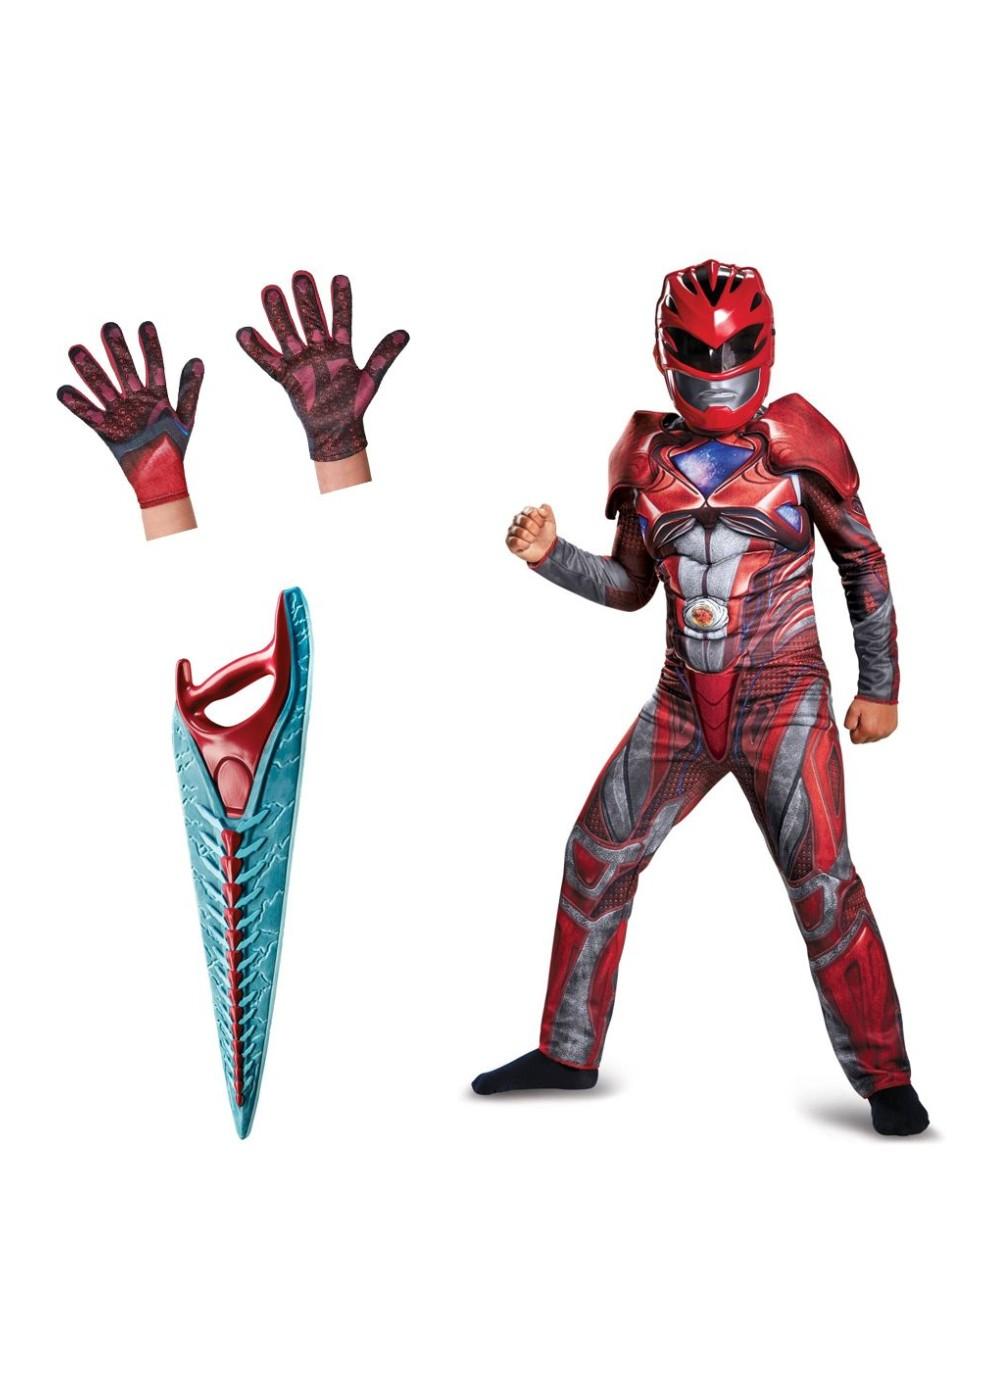 Red Boys Power Ranger Movie Costume Kit  sc 1 st  Wonder Costumes & Red Boys Power Ranger Movie Costume Kit - Superhero Costumes